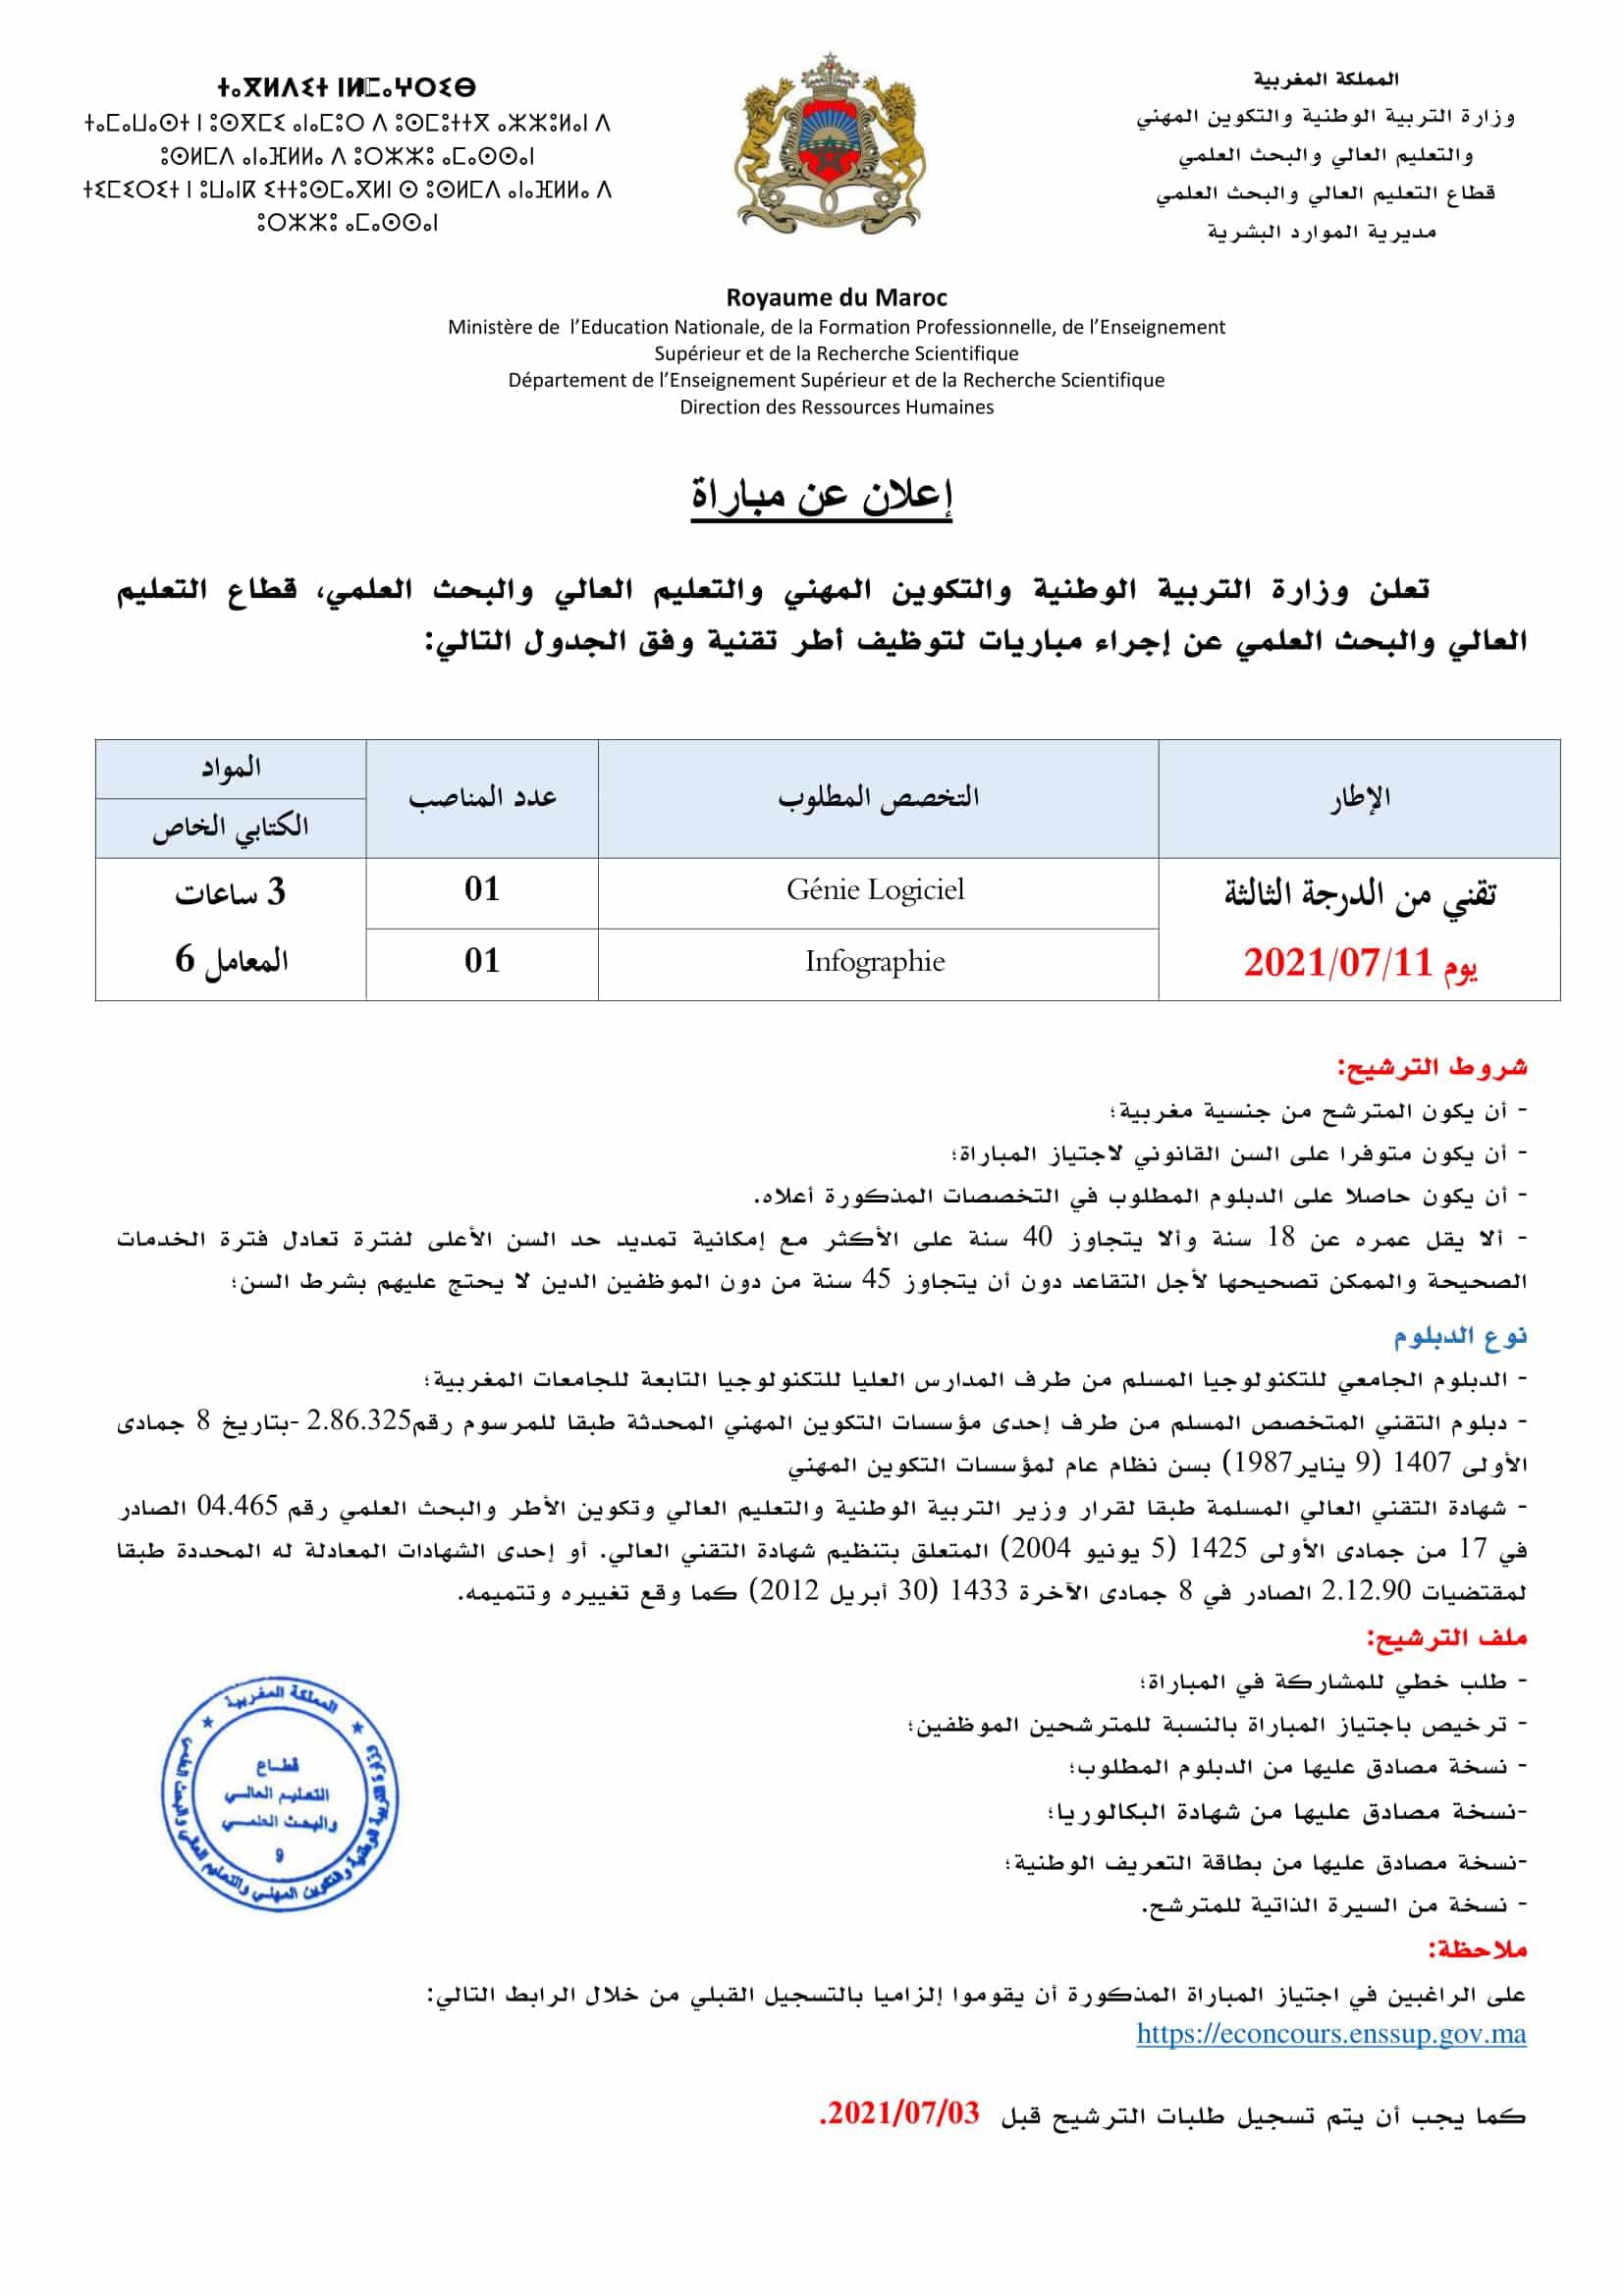 pub tech 2021 1 Liste des Convoqués Concours Ministère de l'Education Nationale 2021 (16 Postes)